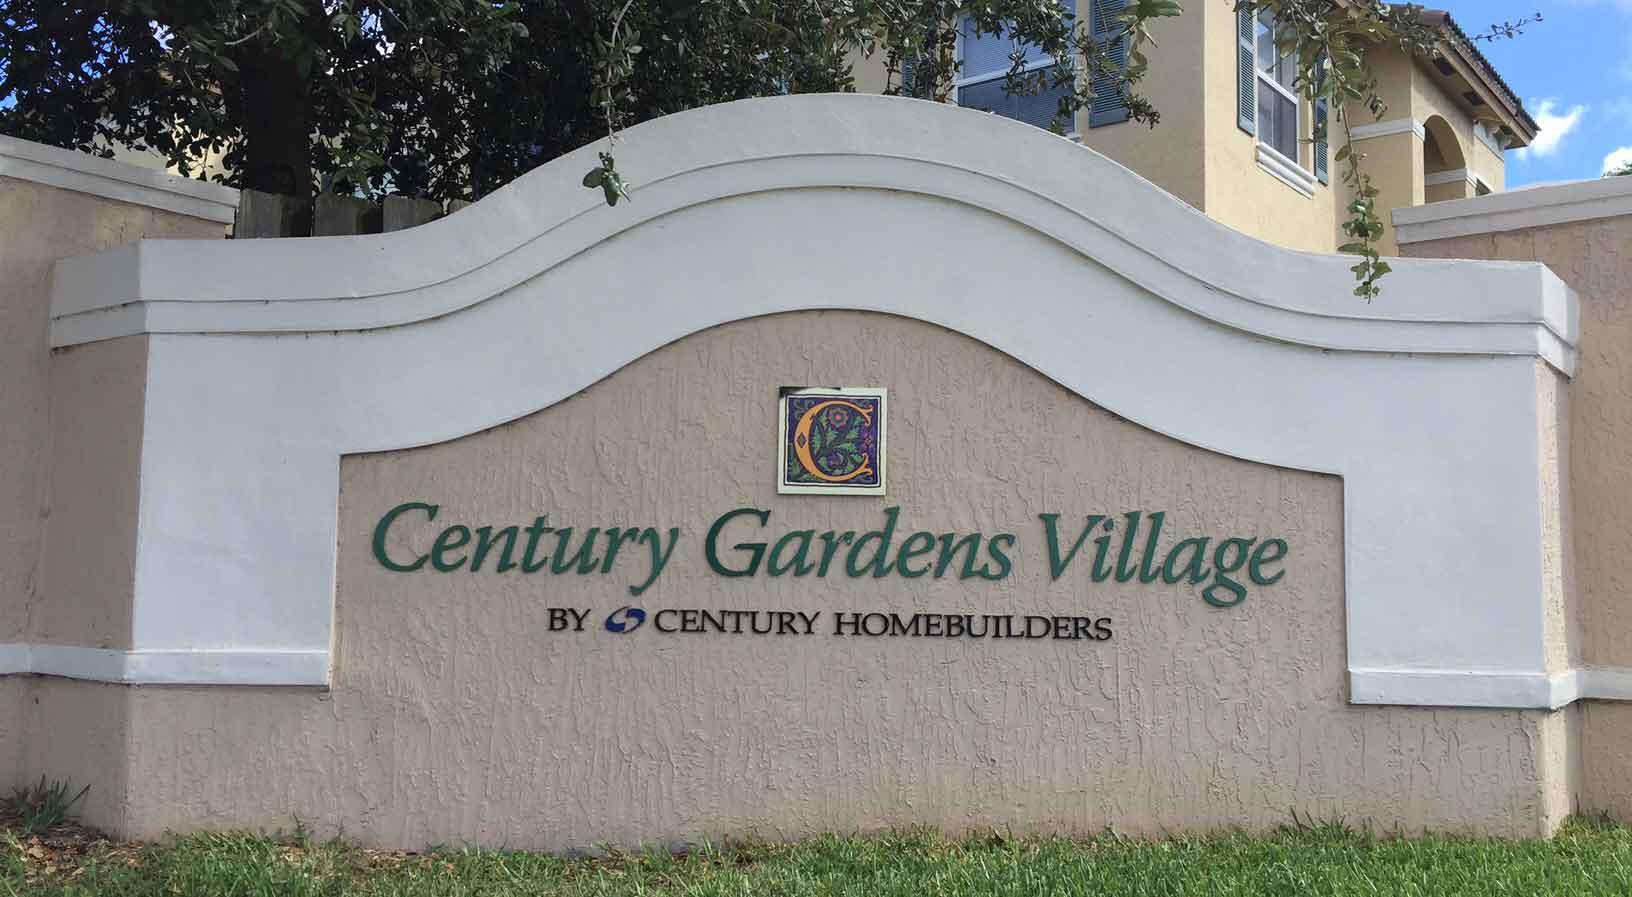 Century Gardens Village Community Development District Image